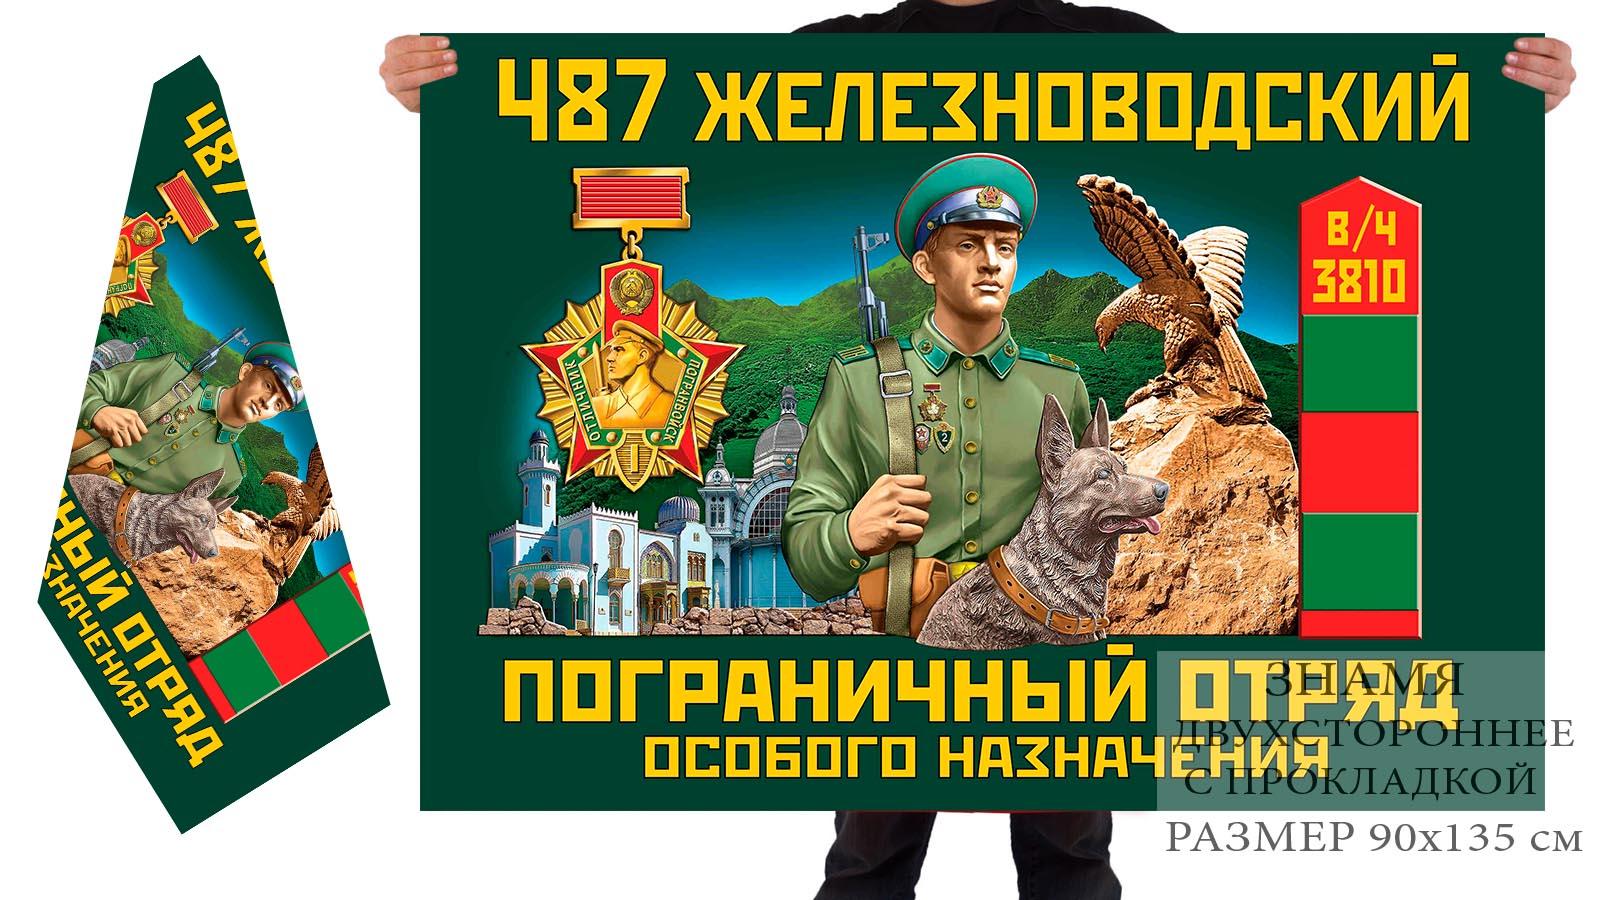 Двусторонний флаг 487 Железноводского погранотряда особого назначения